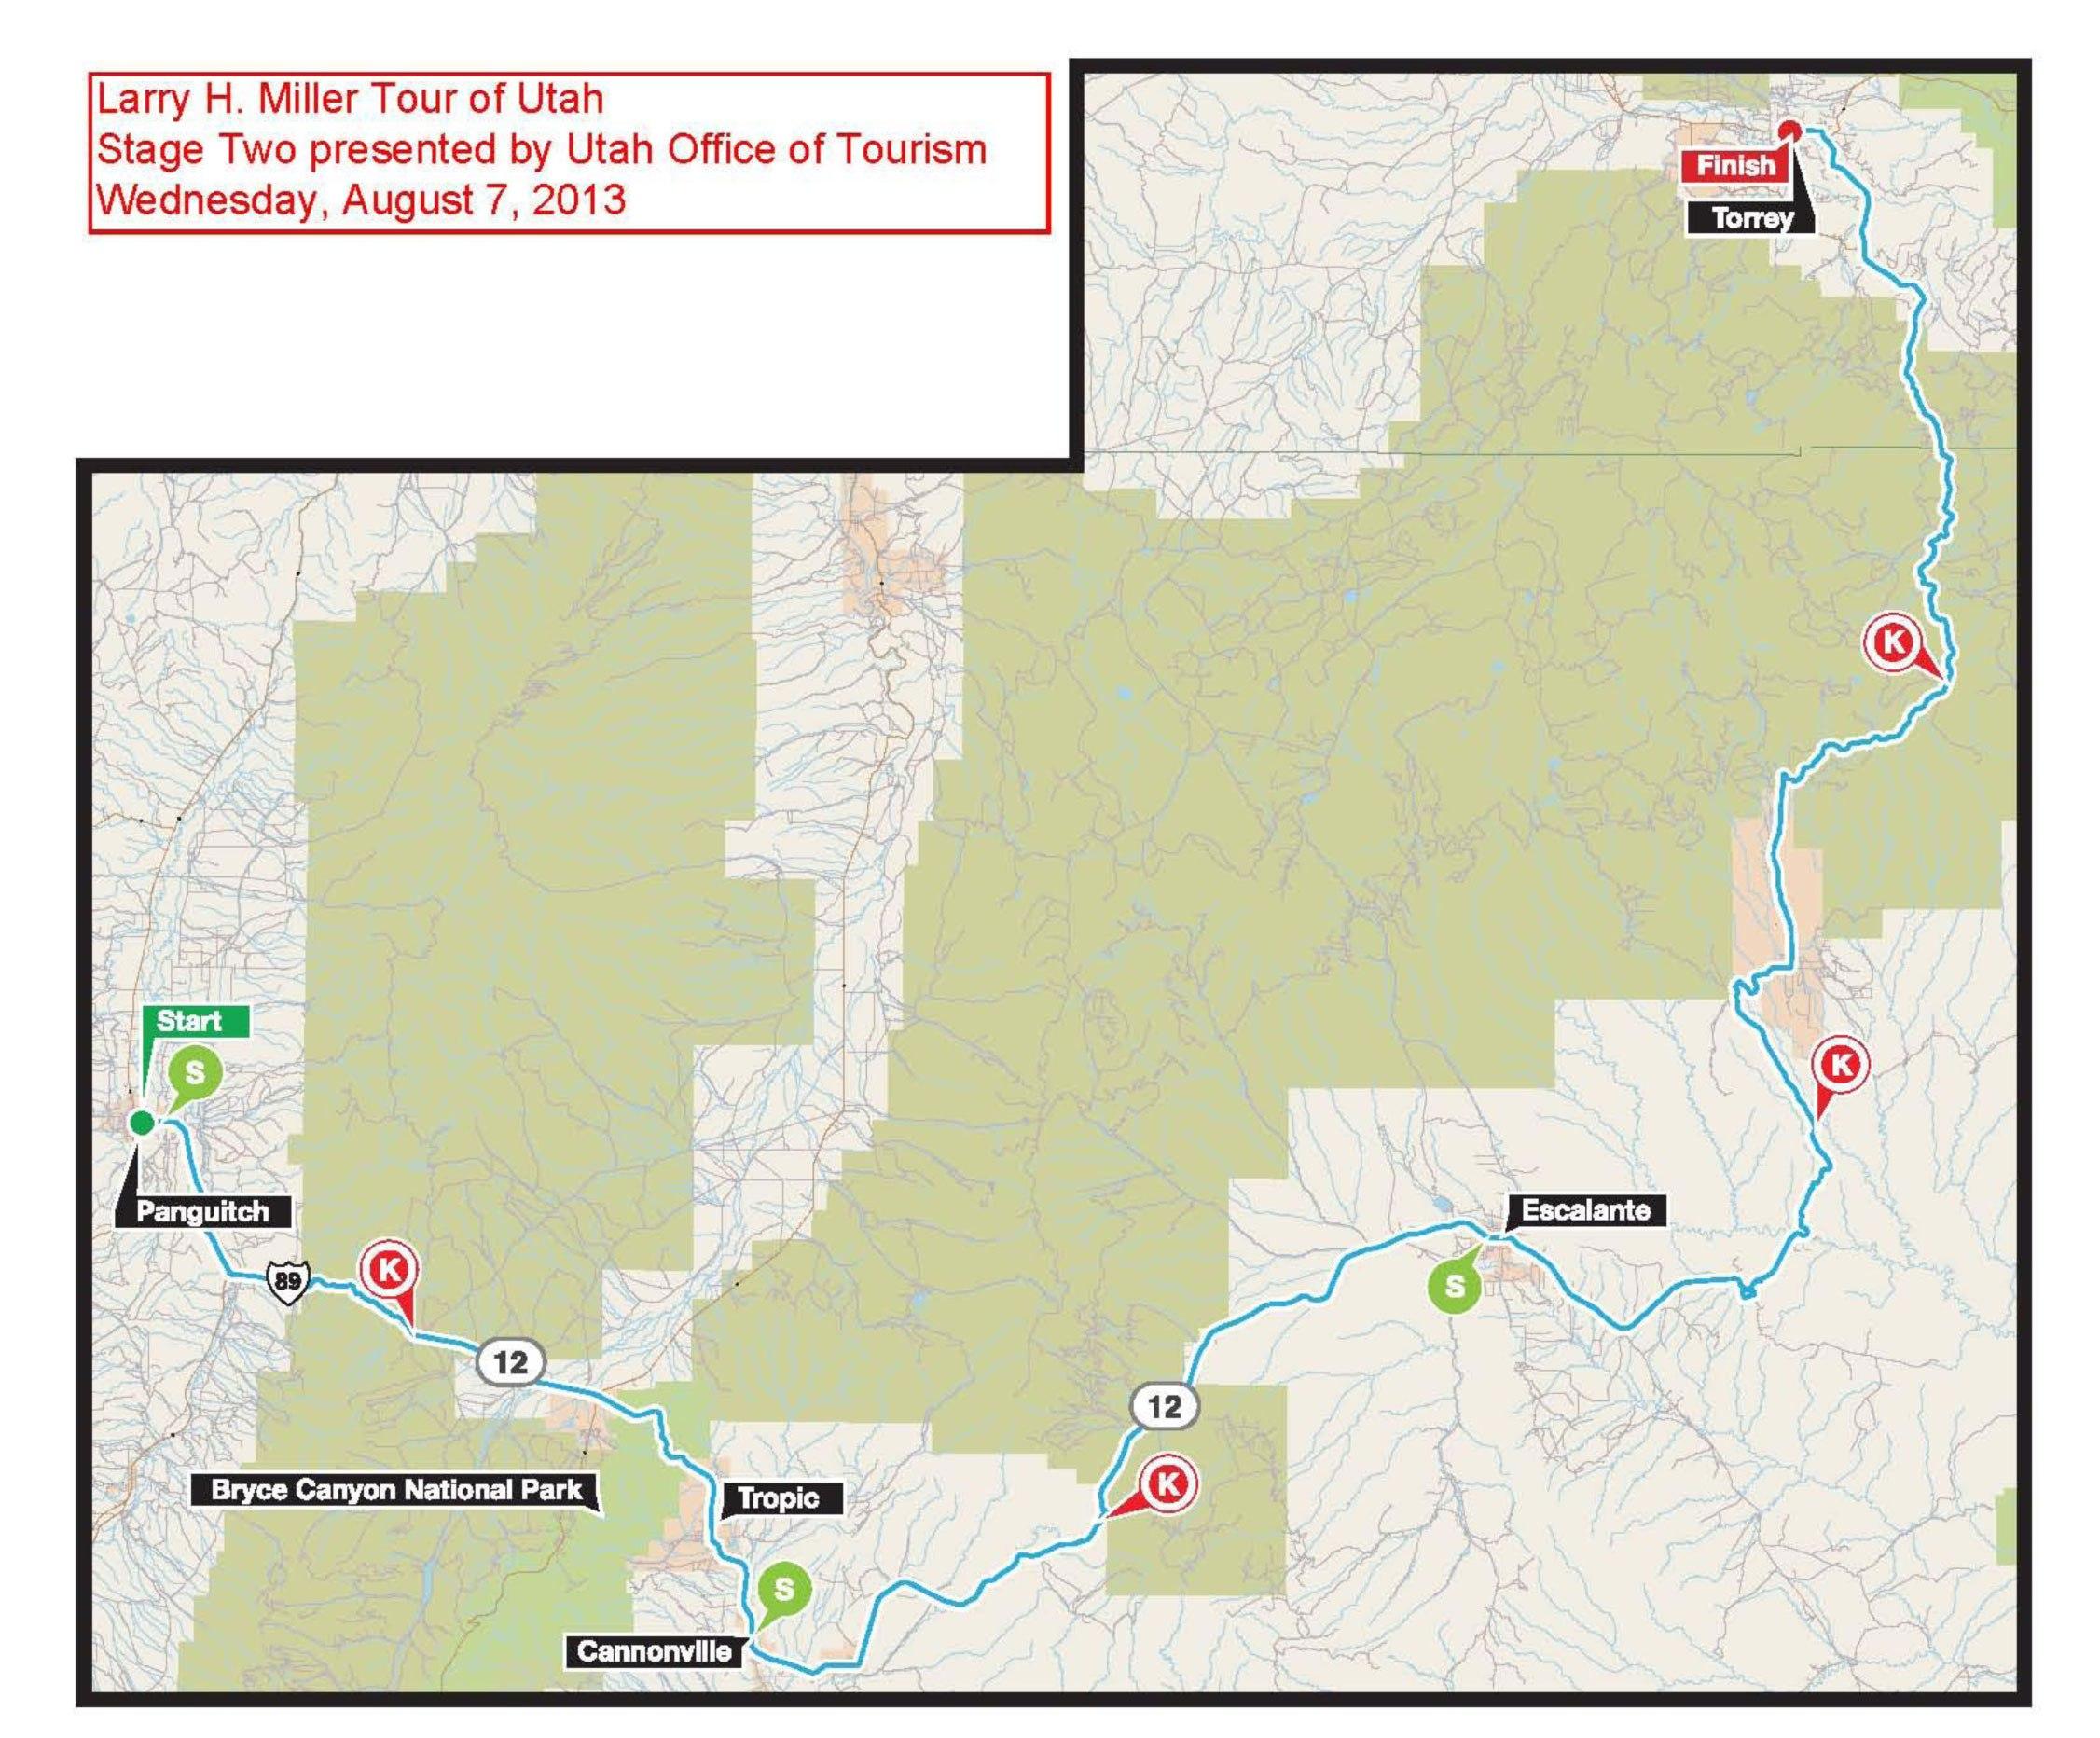 Tour of Utah Map